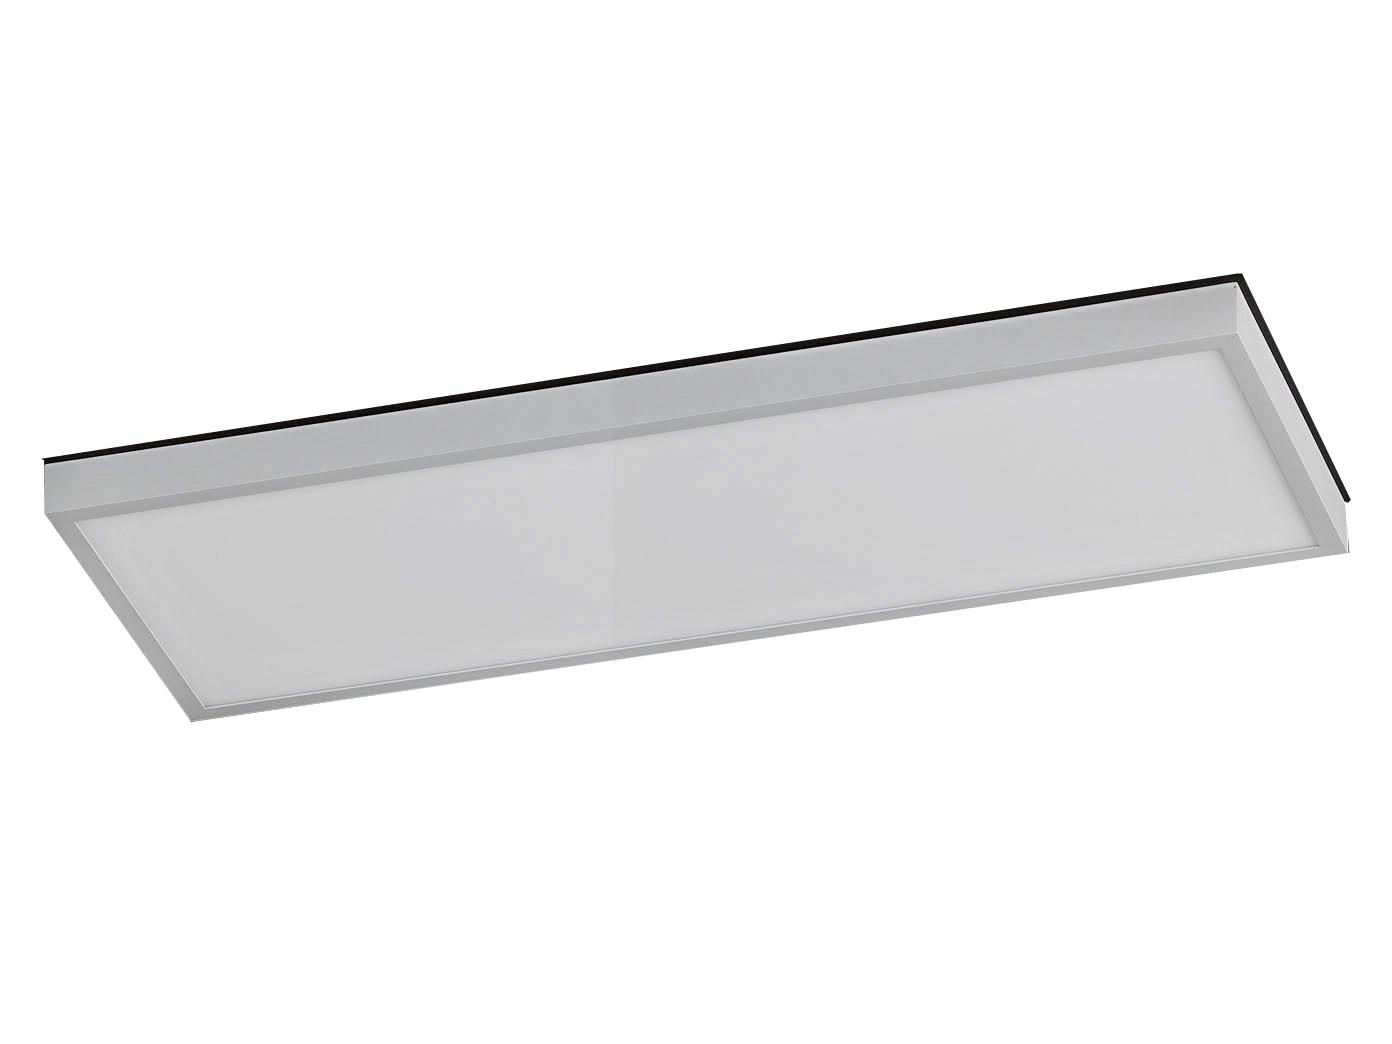 LED Deckenleuchte CASSA weiß Paneel 120x30cm Design Deckenlampe Wohnraum Büro